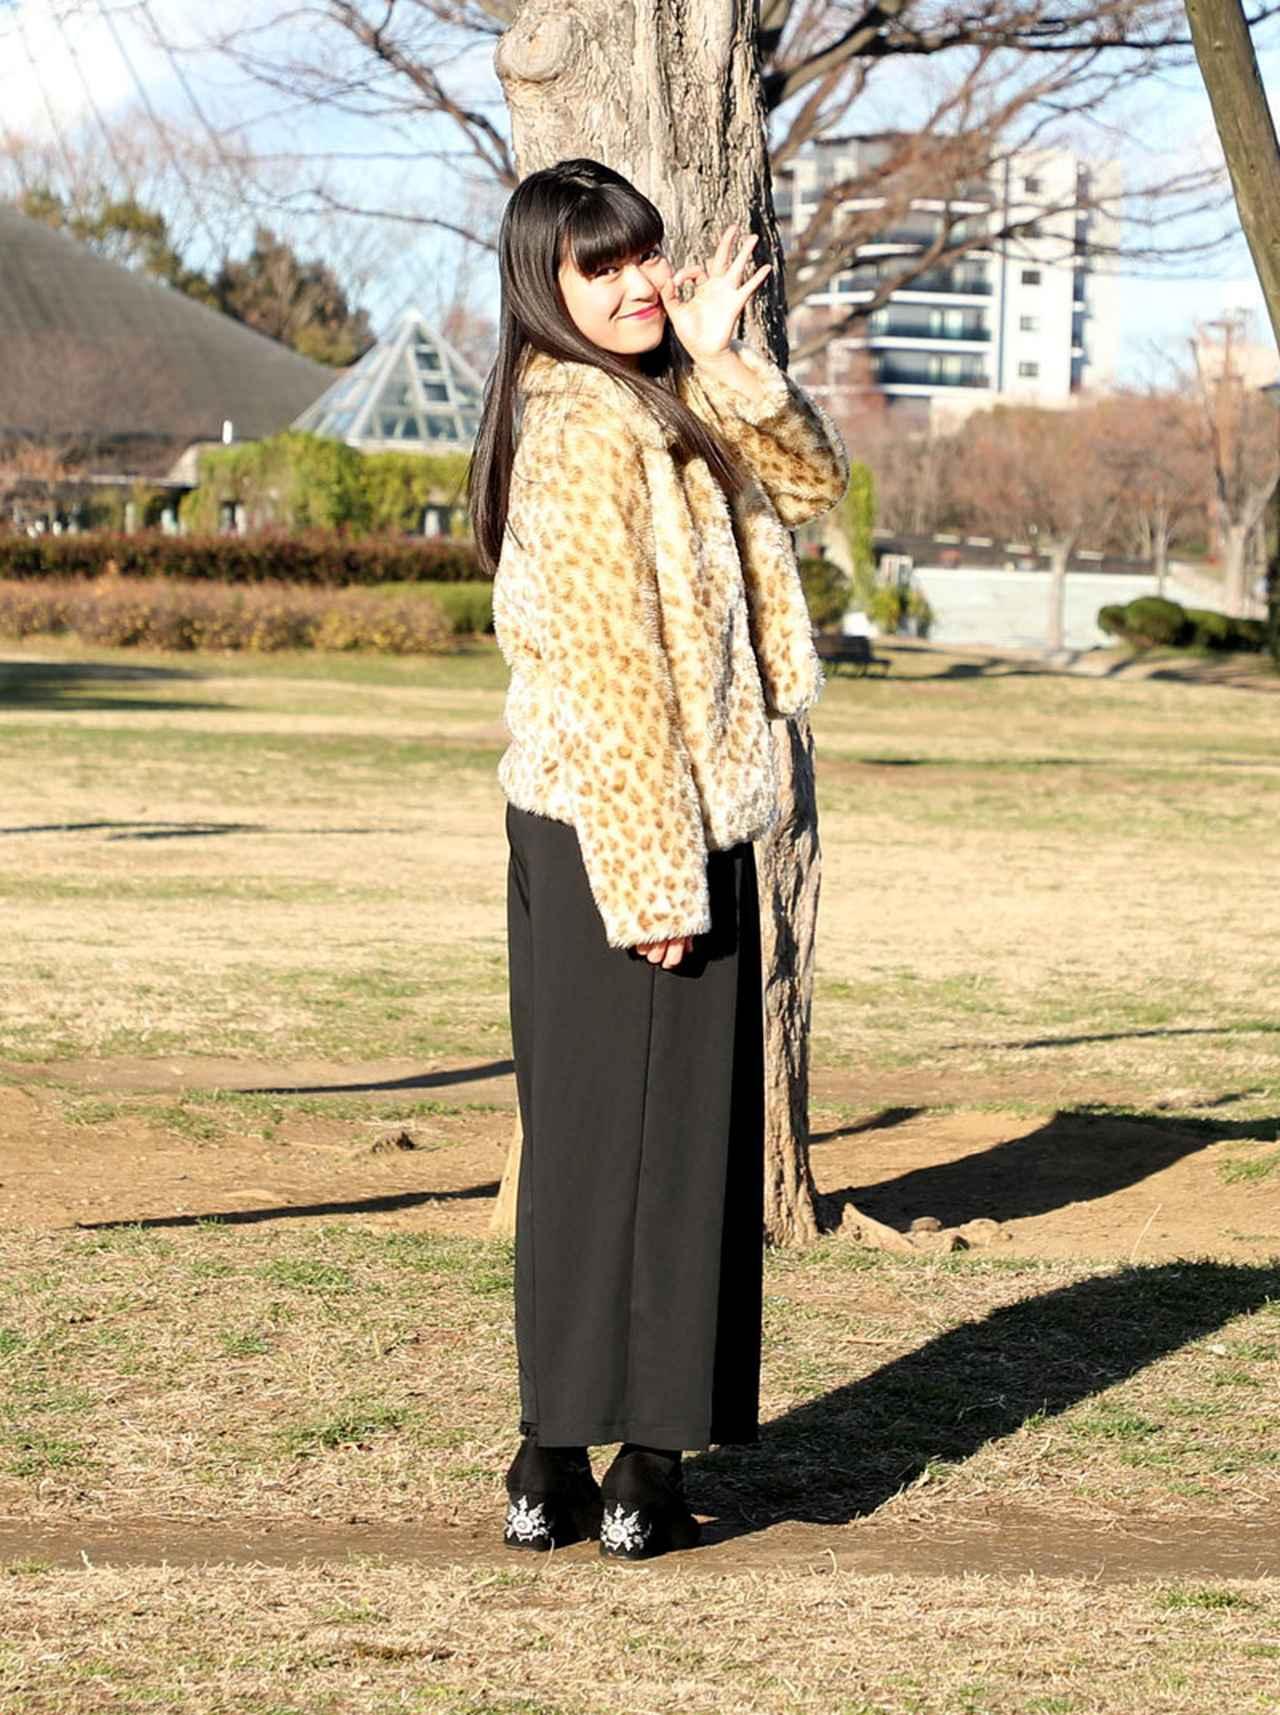 Images : 3番目の画像 - 「桜城りのん/ドラマデザイン社 最新舞台「ゲートシティーの恋」(1/30~)に出演。「ビビりな冬馬を頑張ります」」のアルバム - Stereo Sound ONLINE